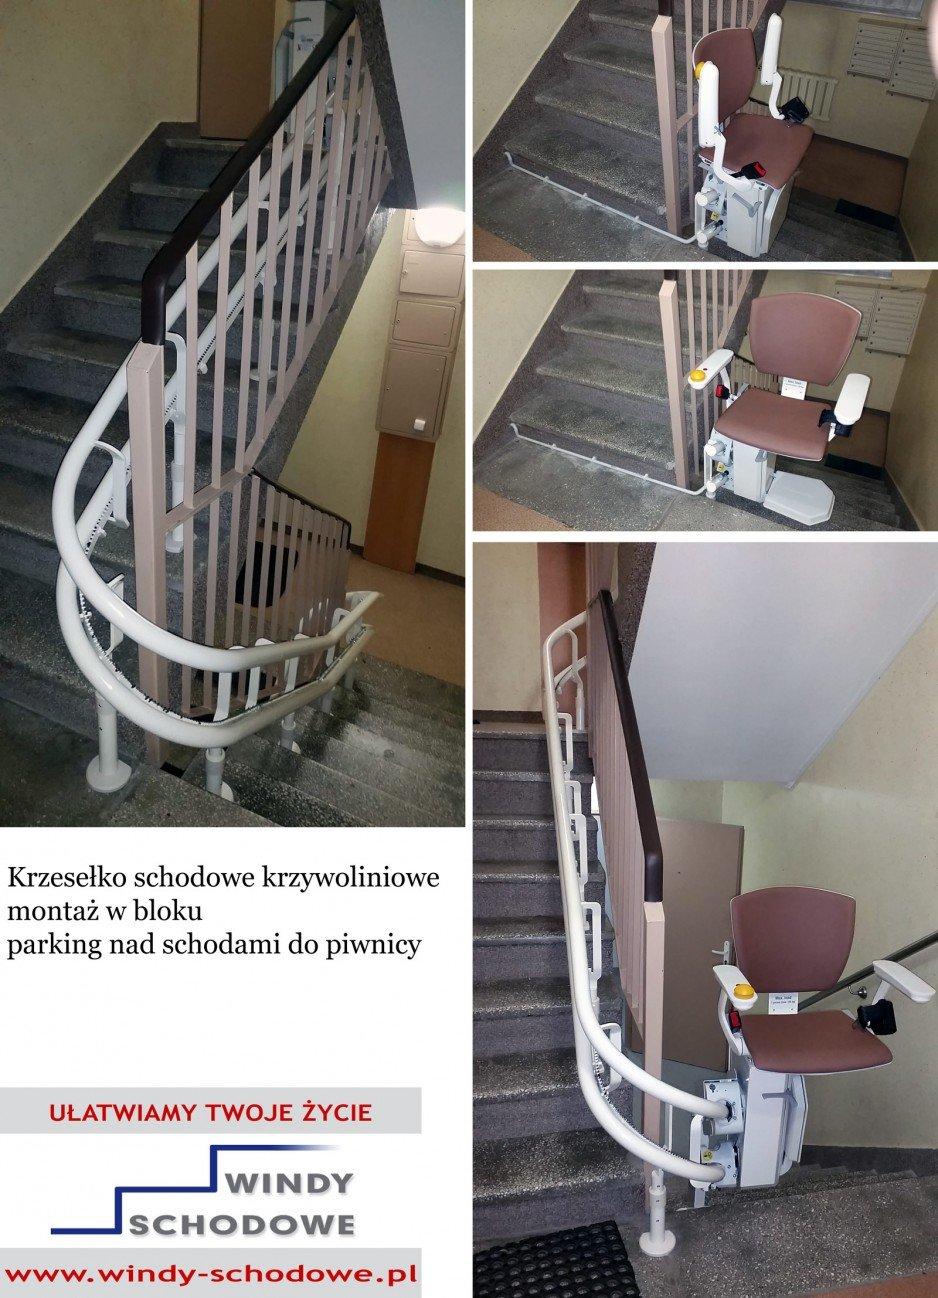 Krzesełko schodowe krzywoliniowe.